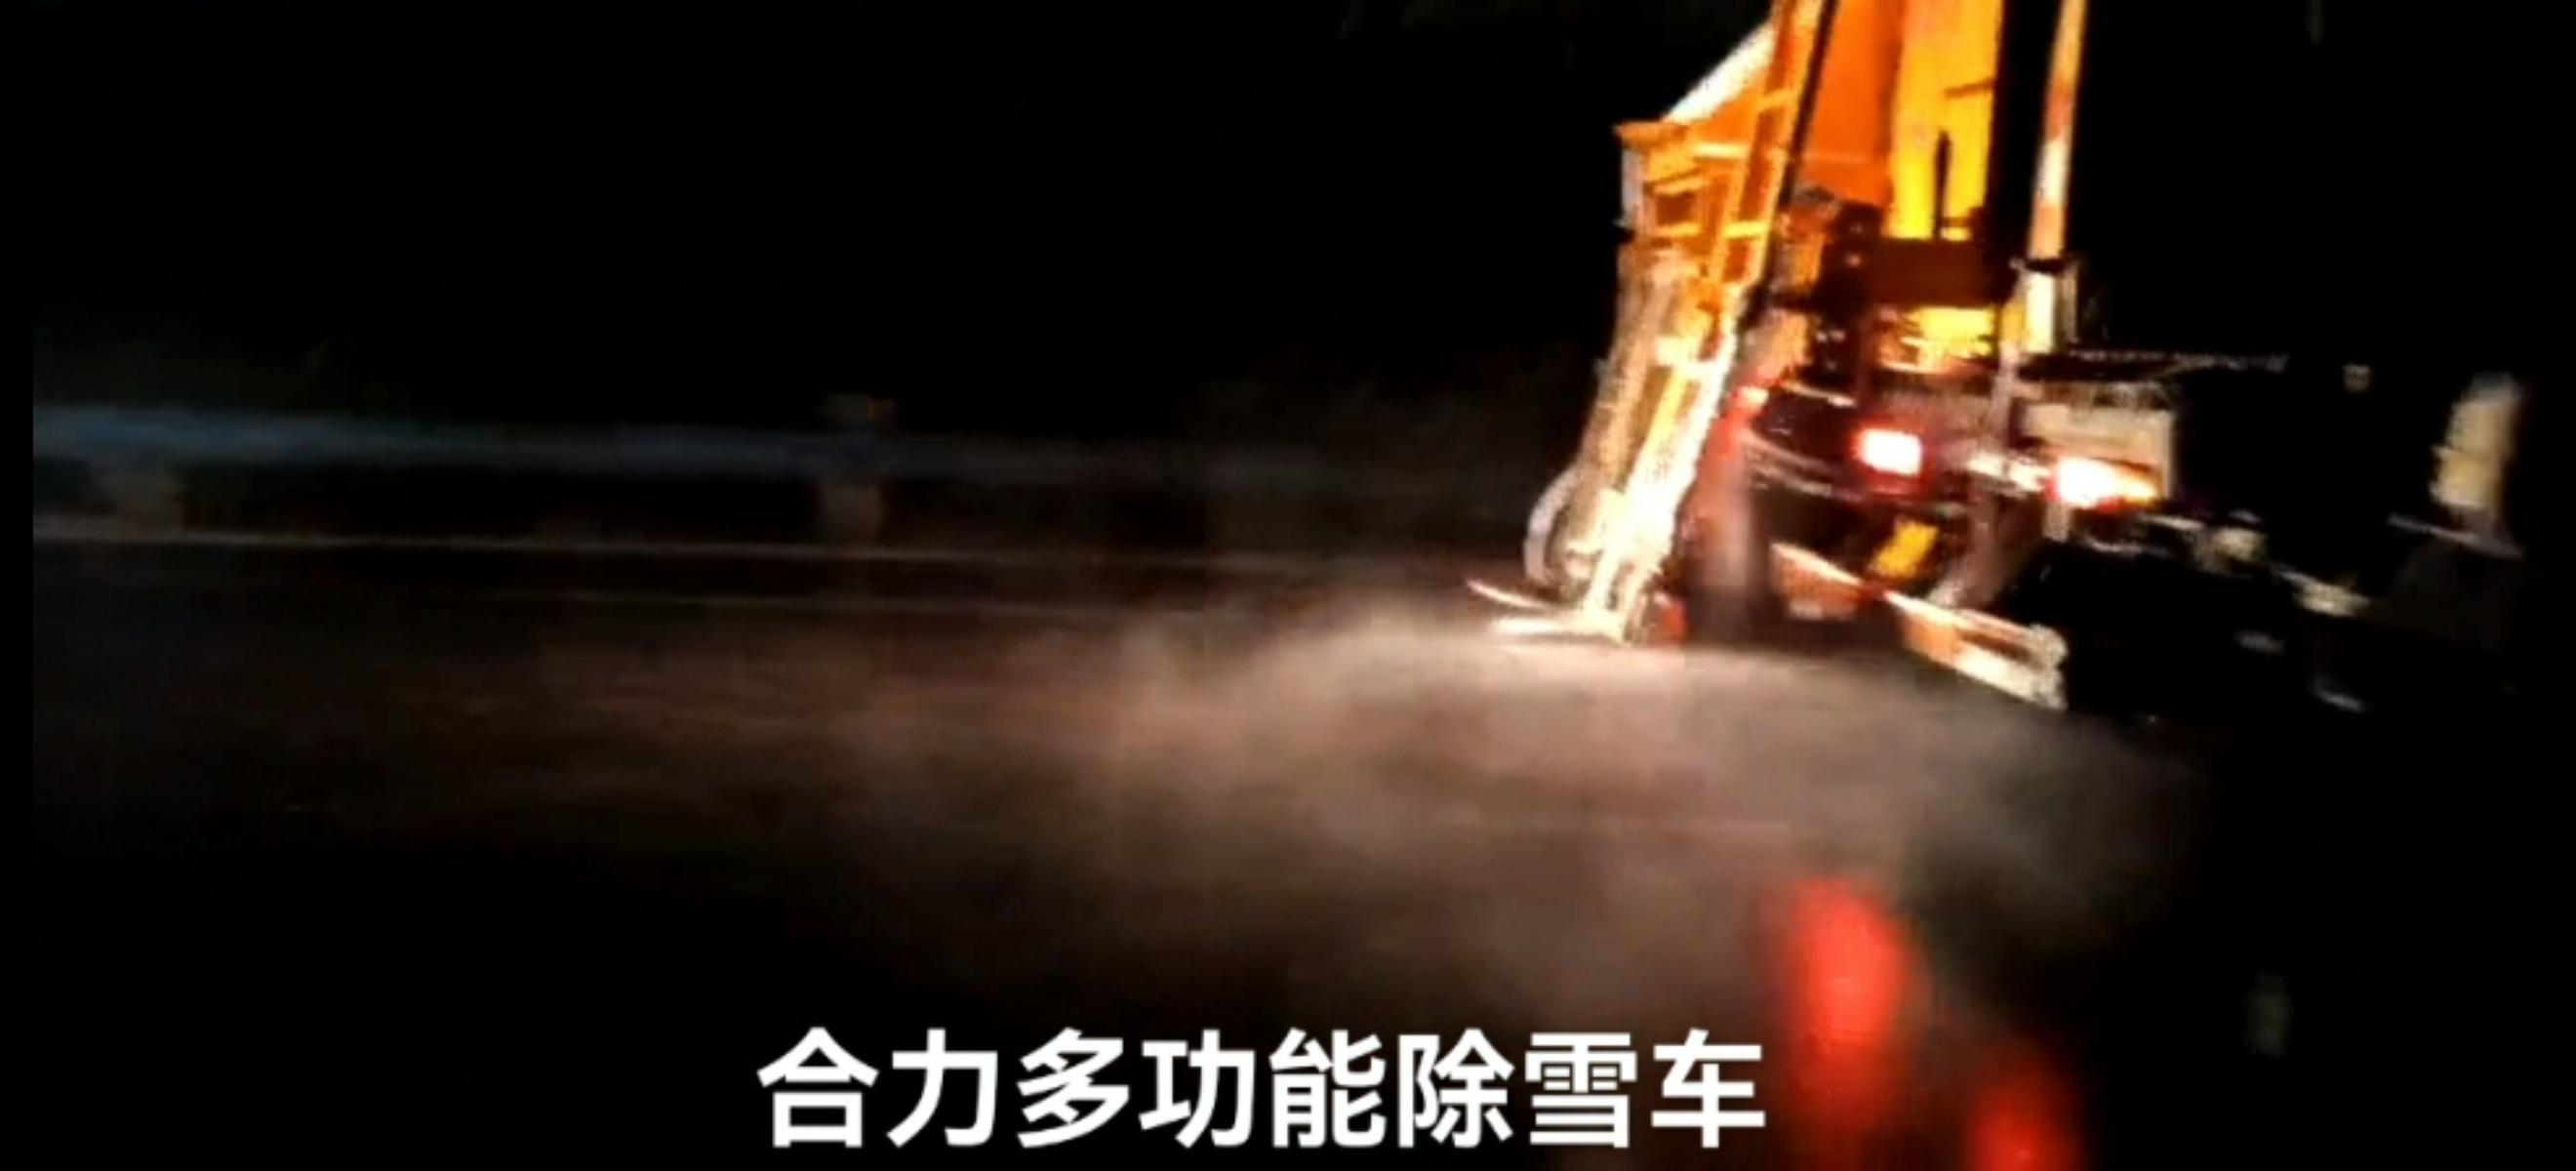 高速公路撒盐融雪视频